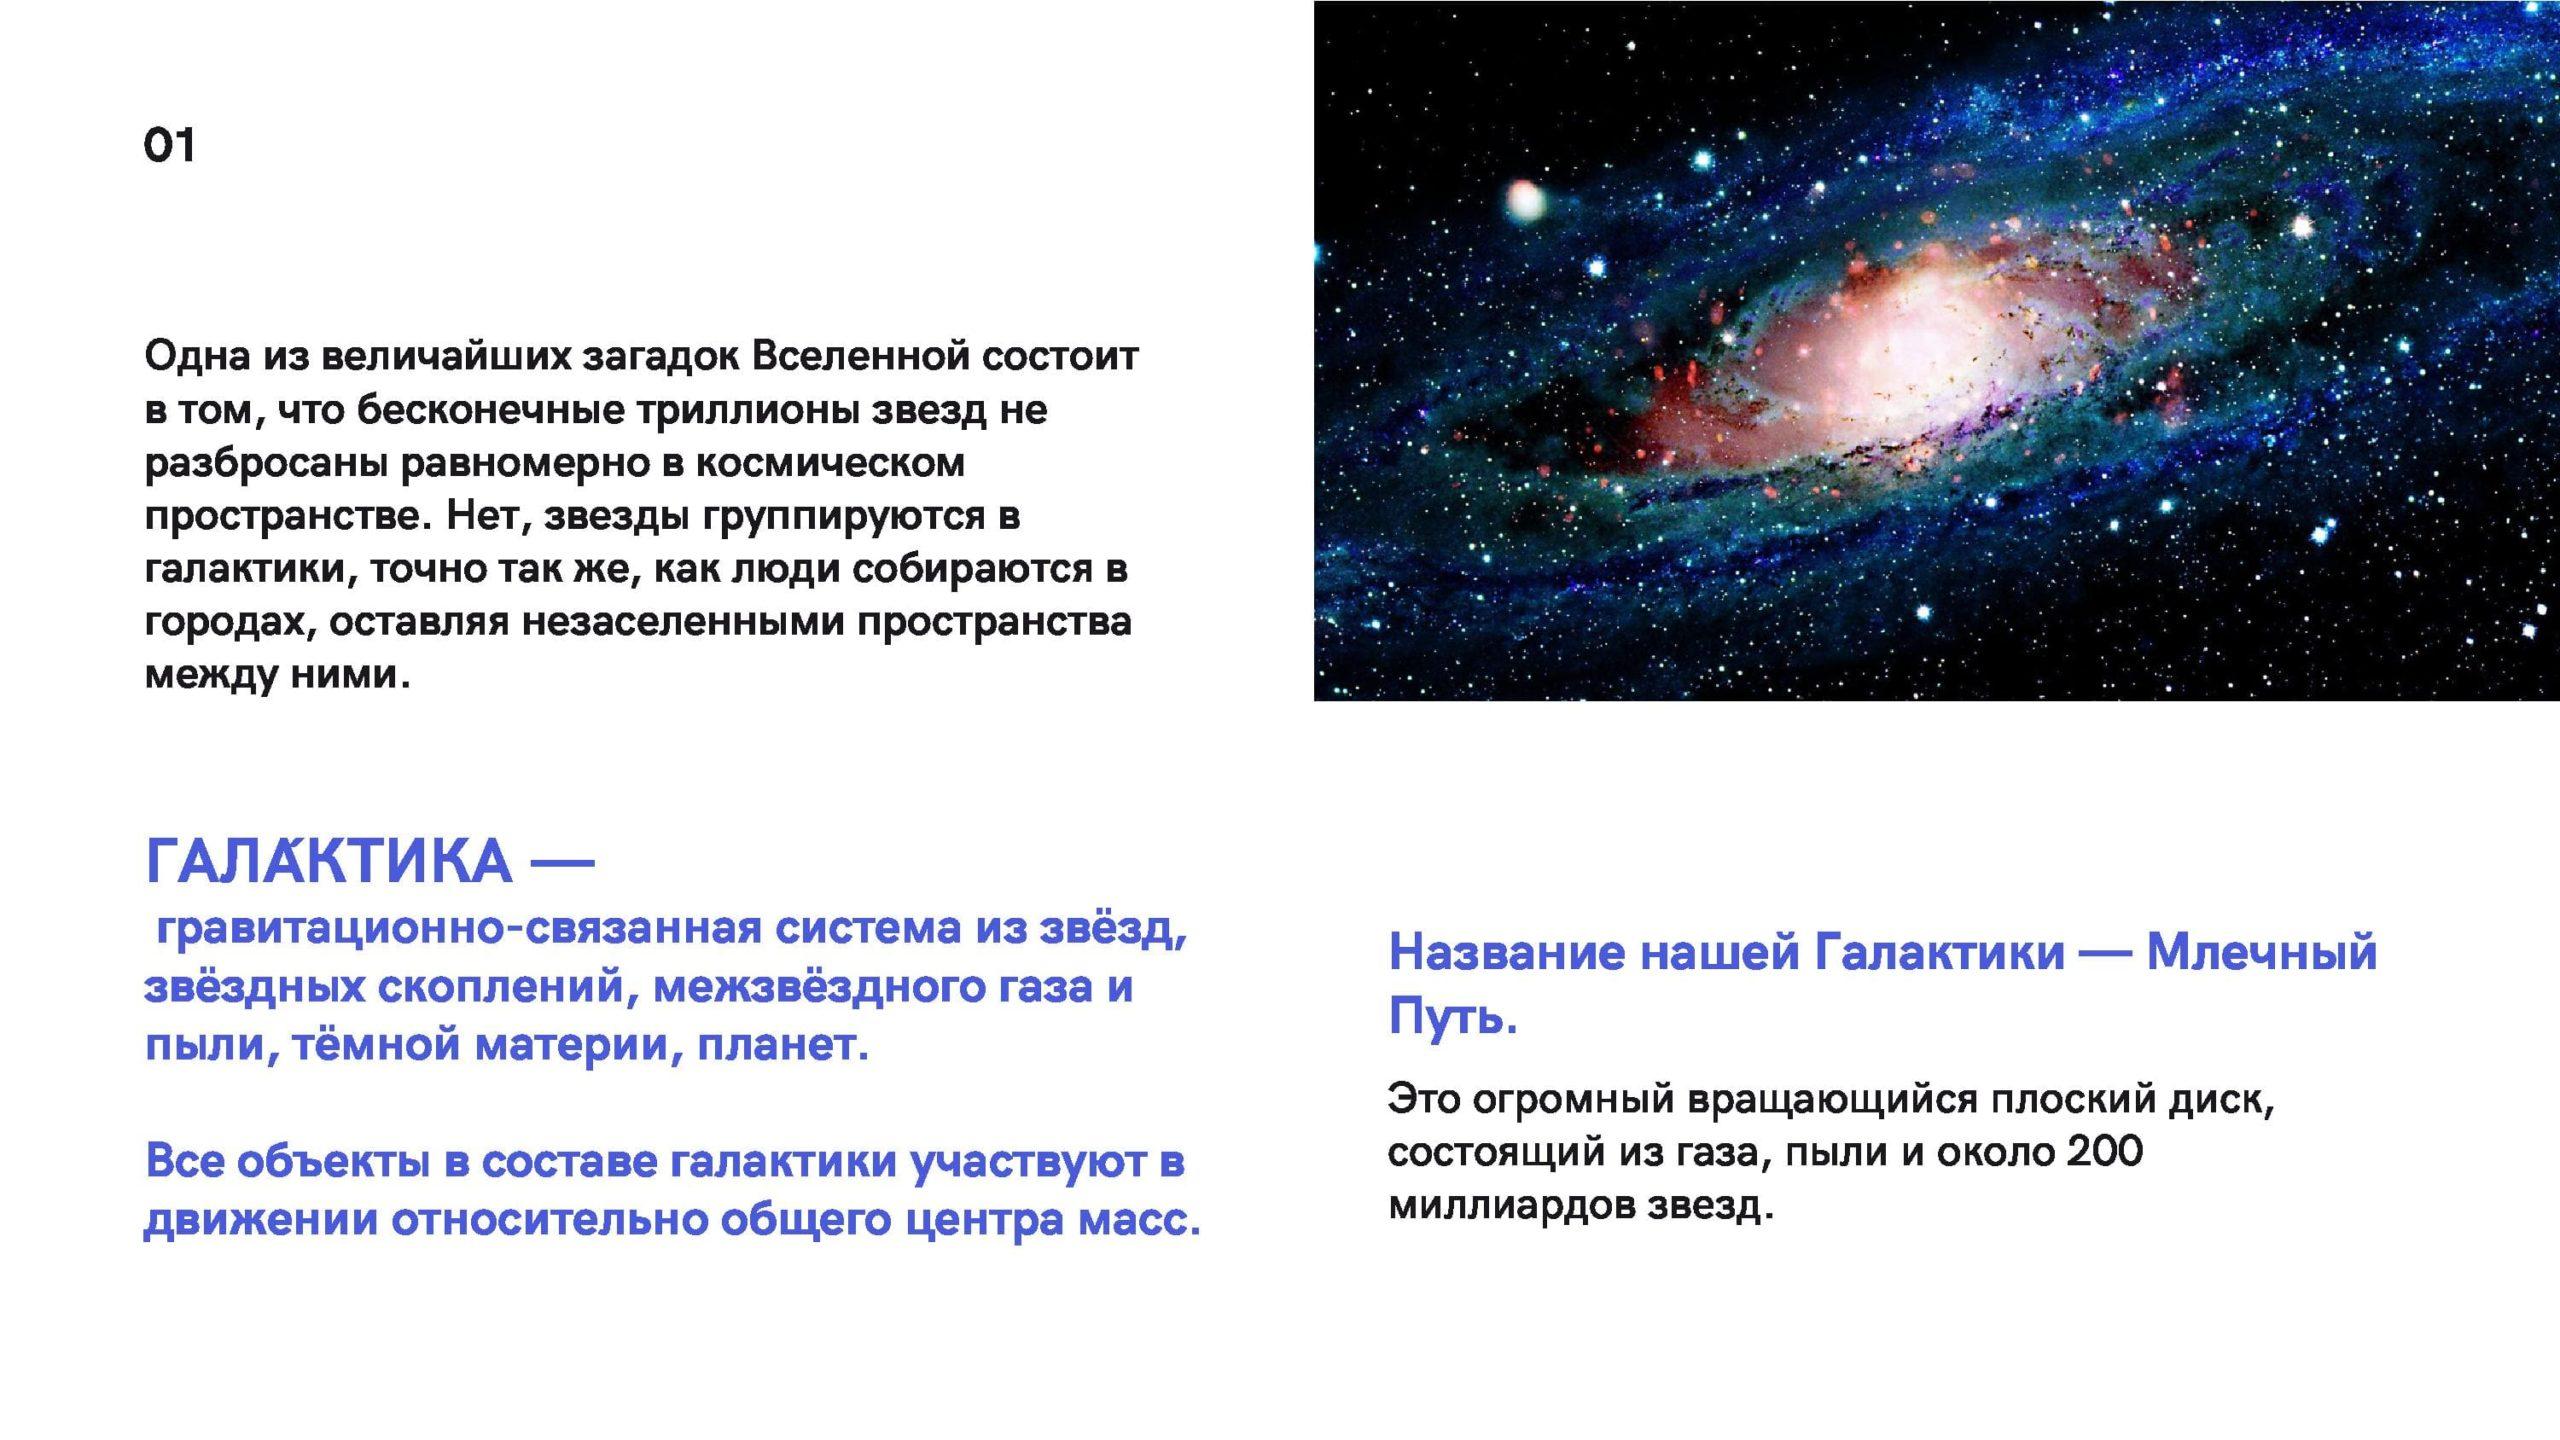 Галактика - гравитационно-связанная сестема из звёзд